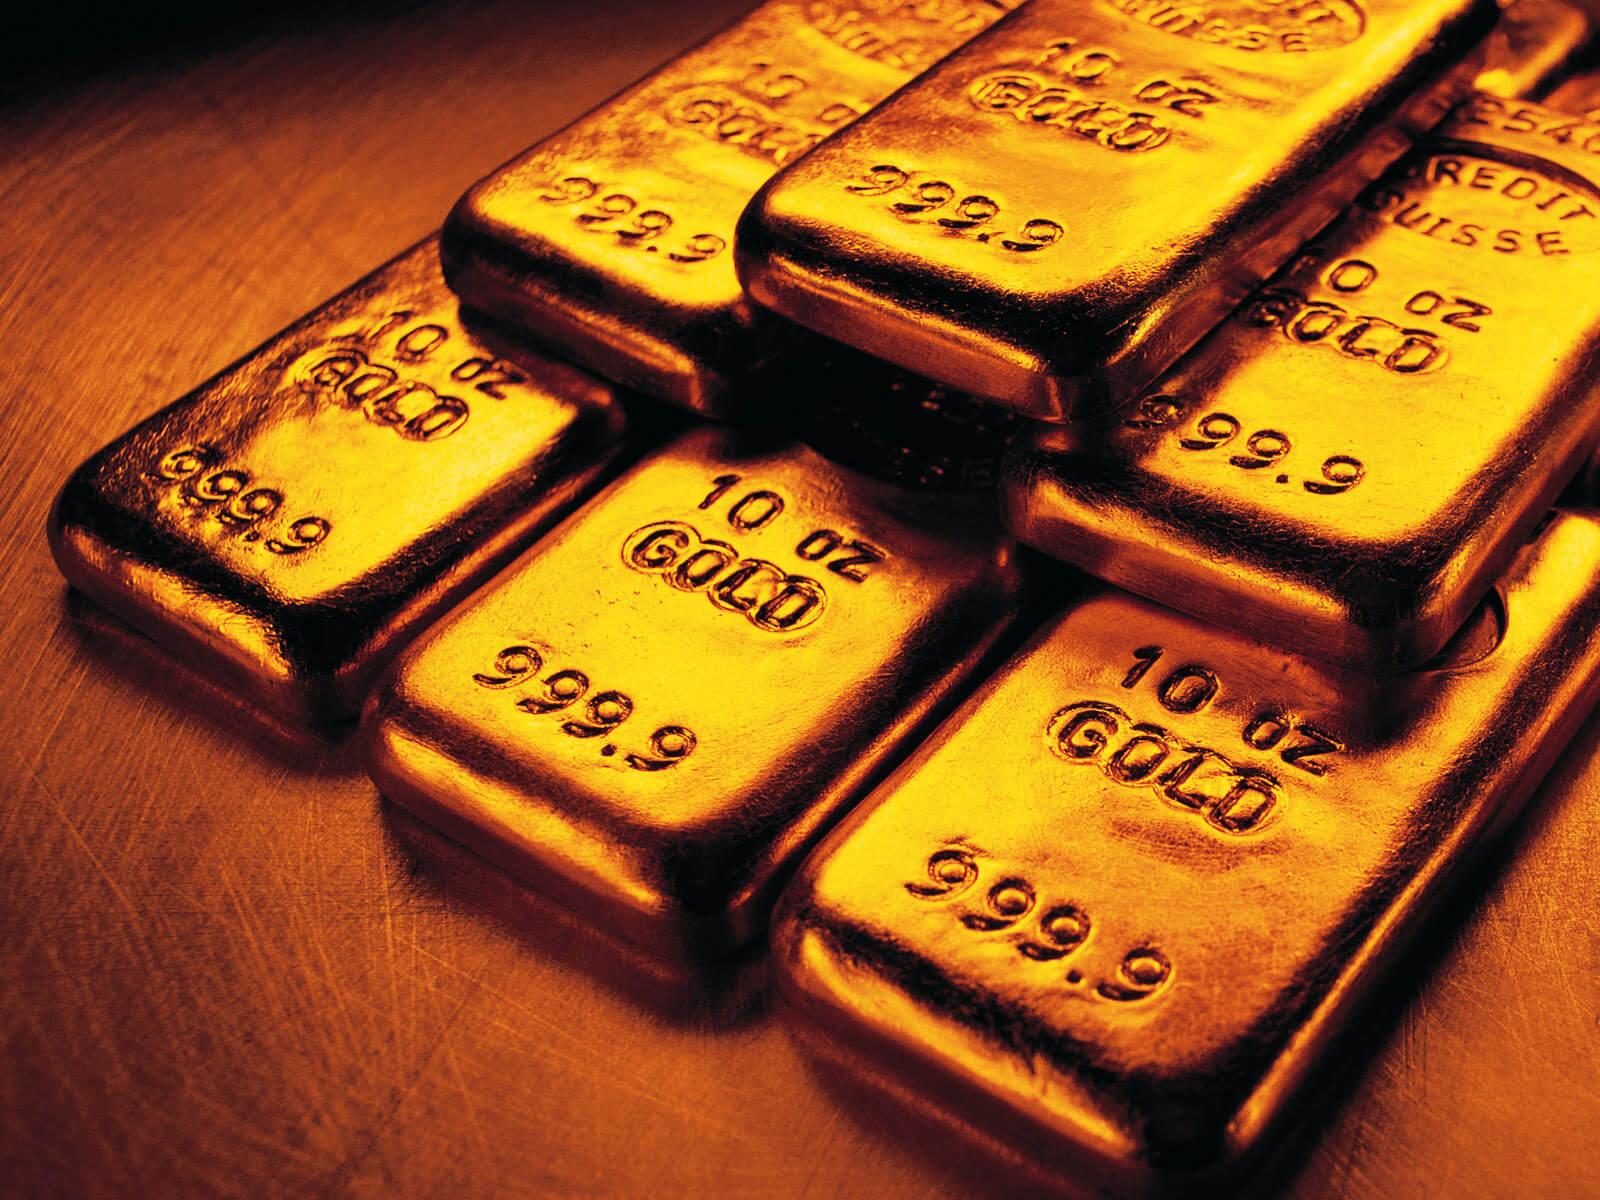 سعر الذهب اليوم الخميس 18/4/2019